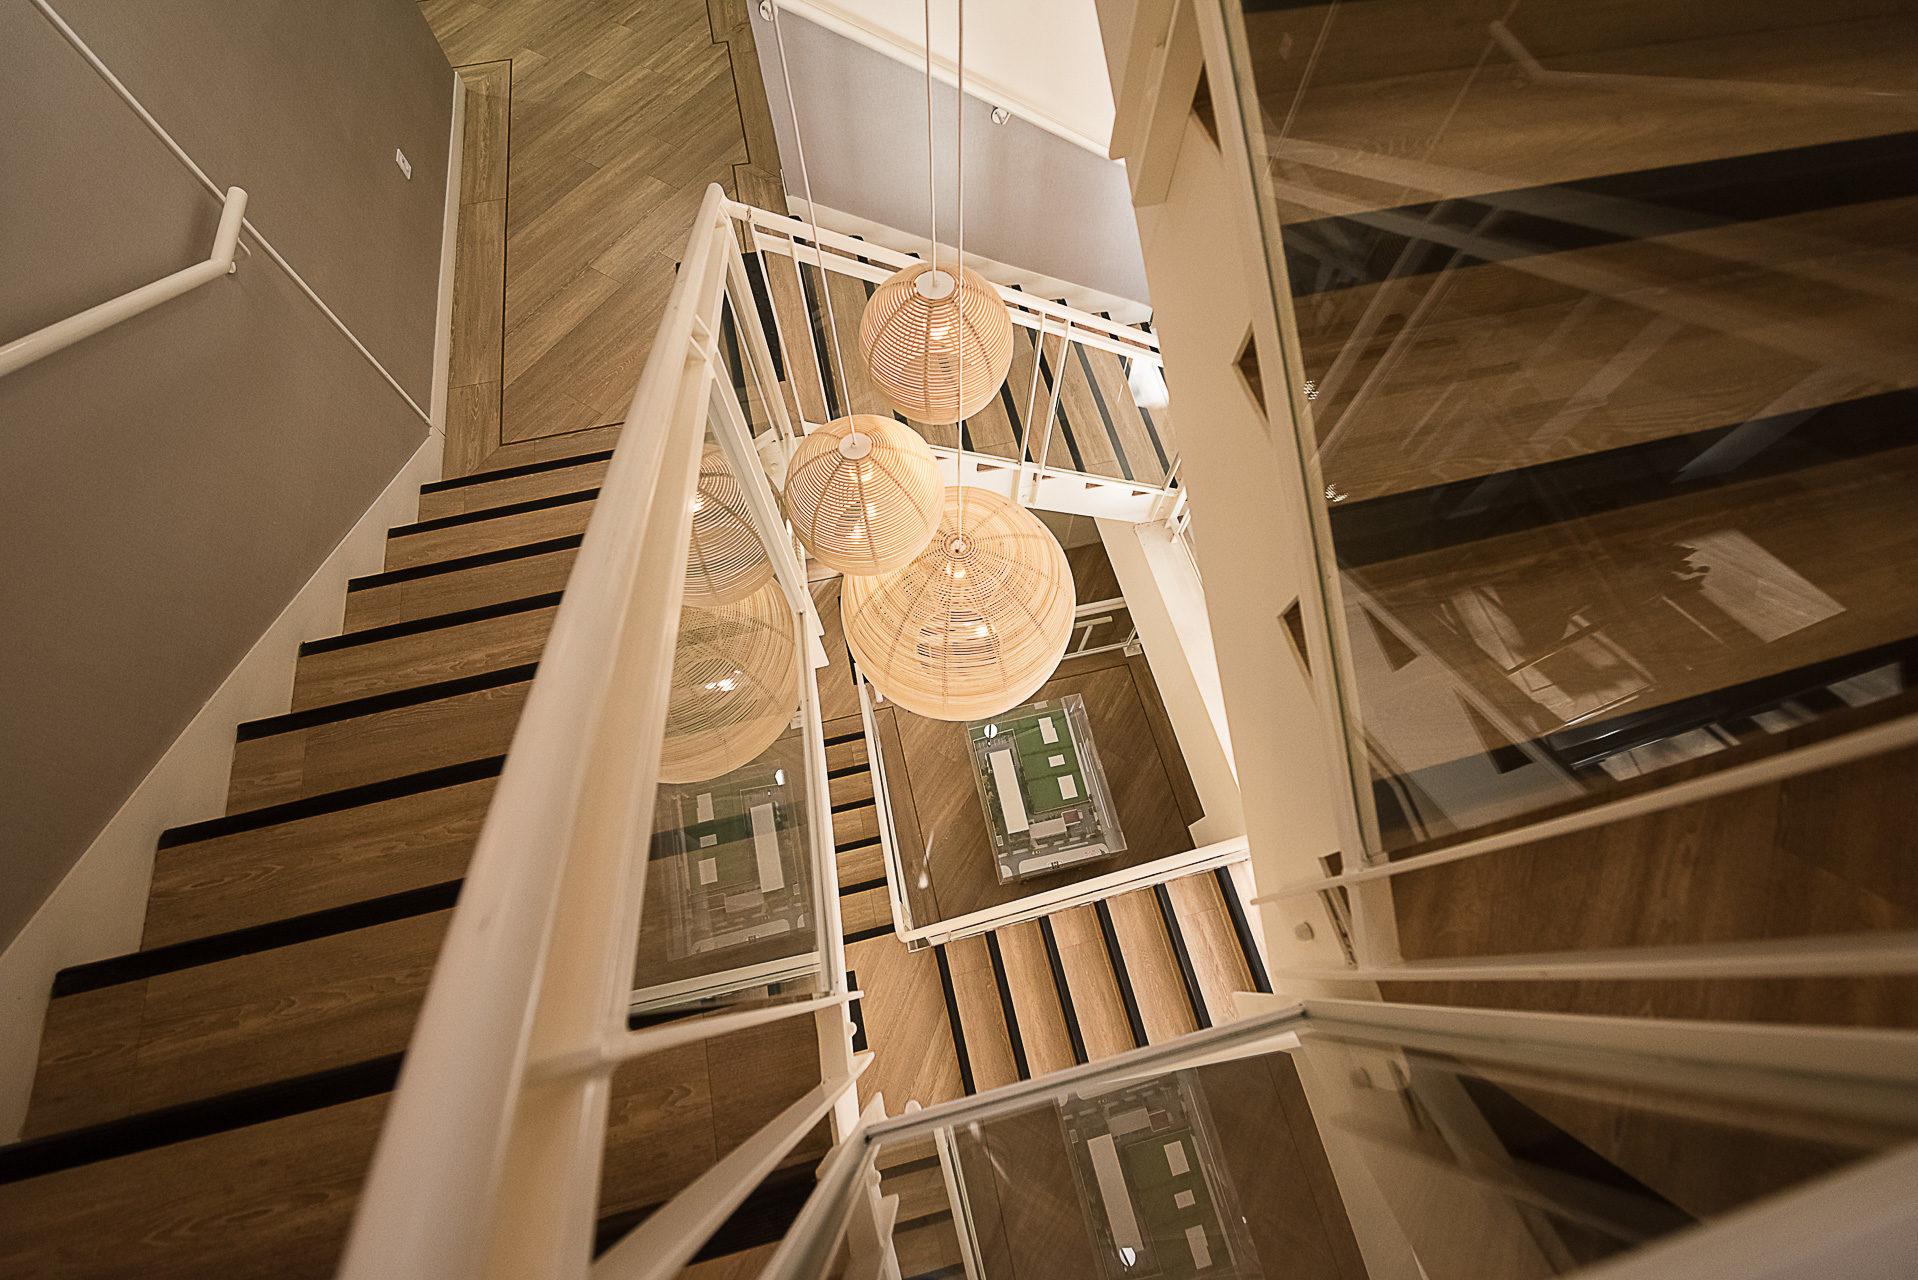 photographe-architecture-interieur-urbain-atelier-m3-2